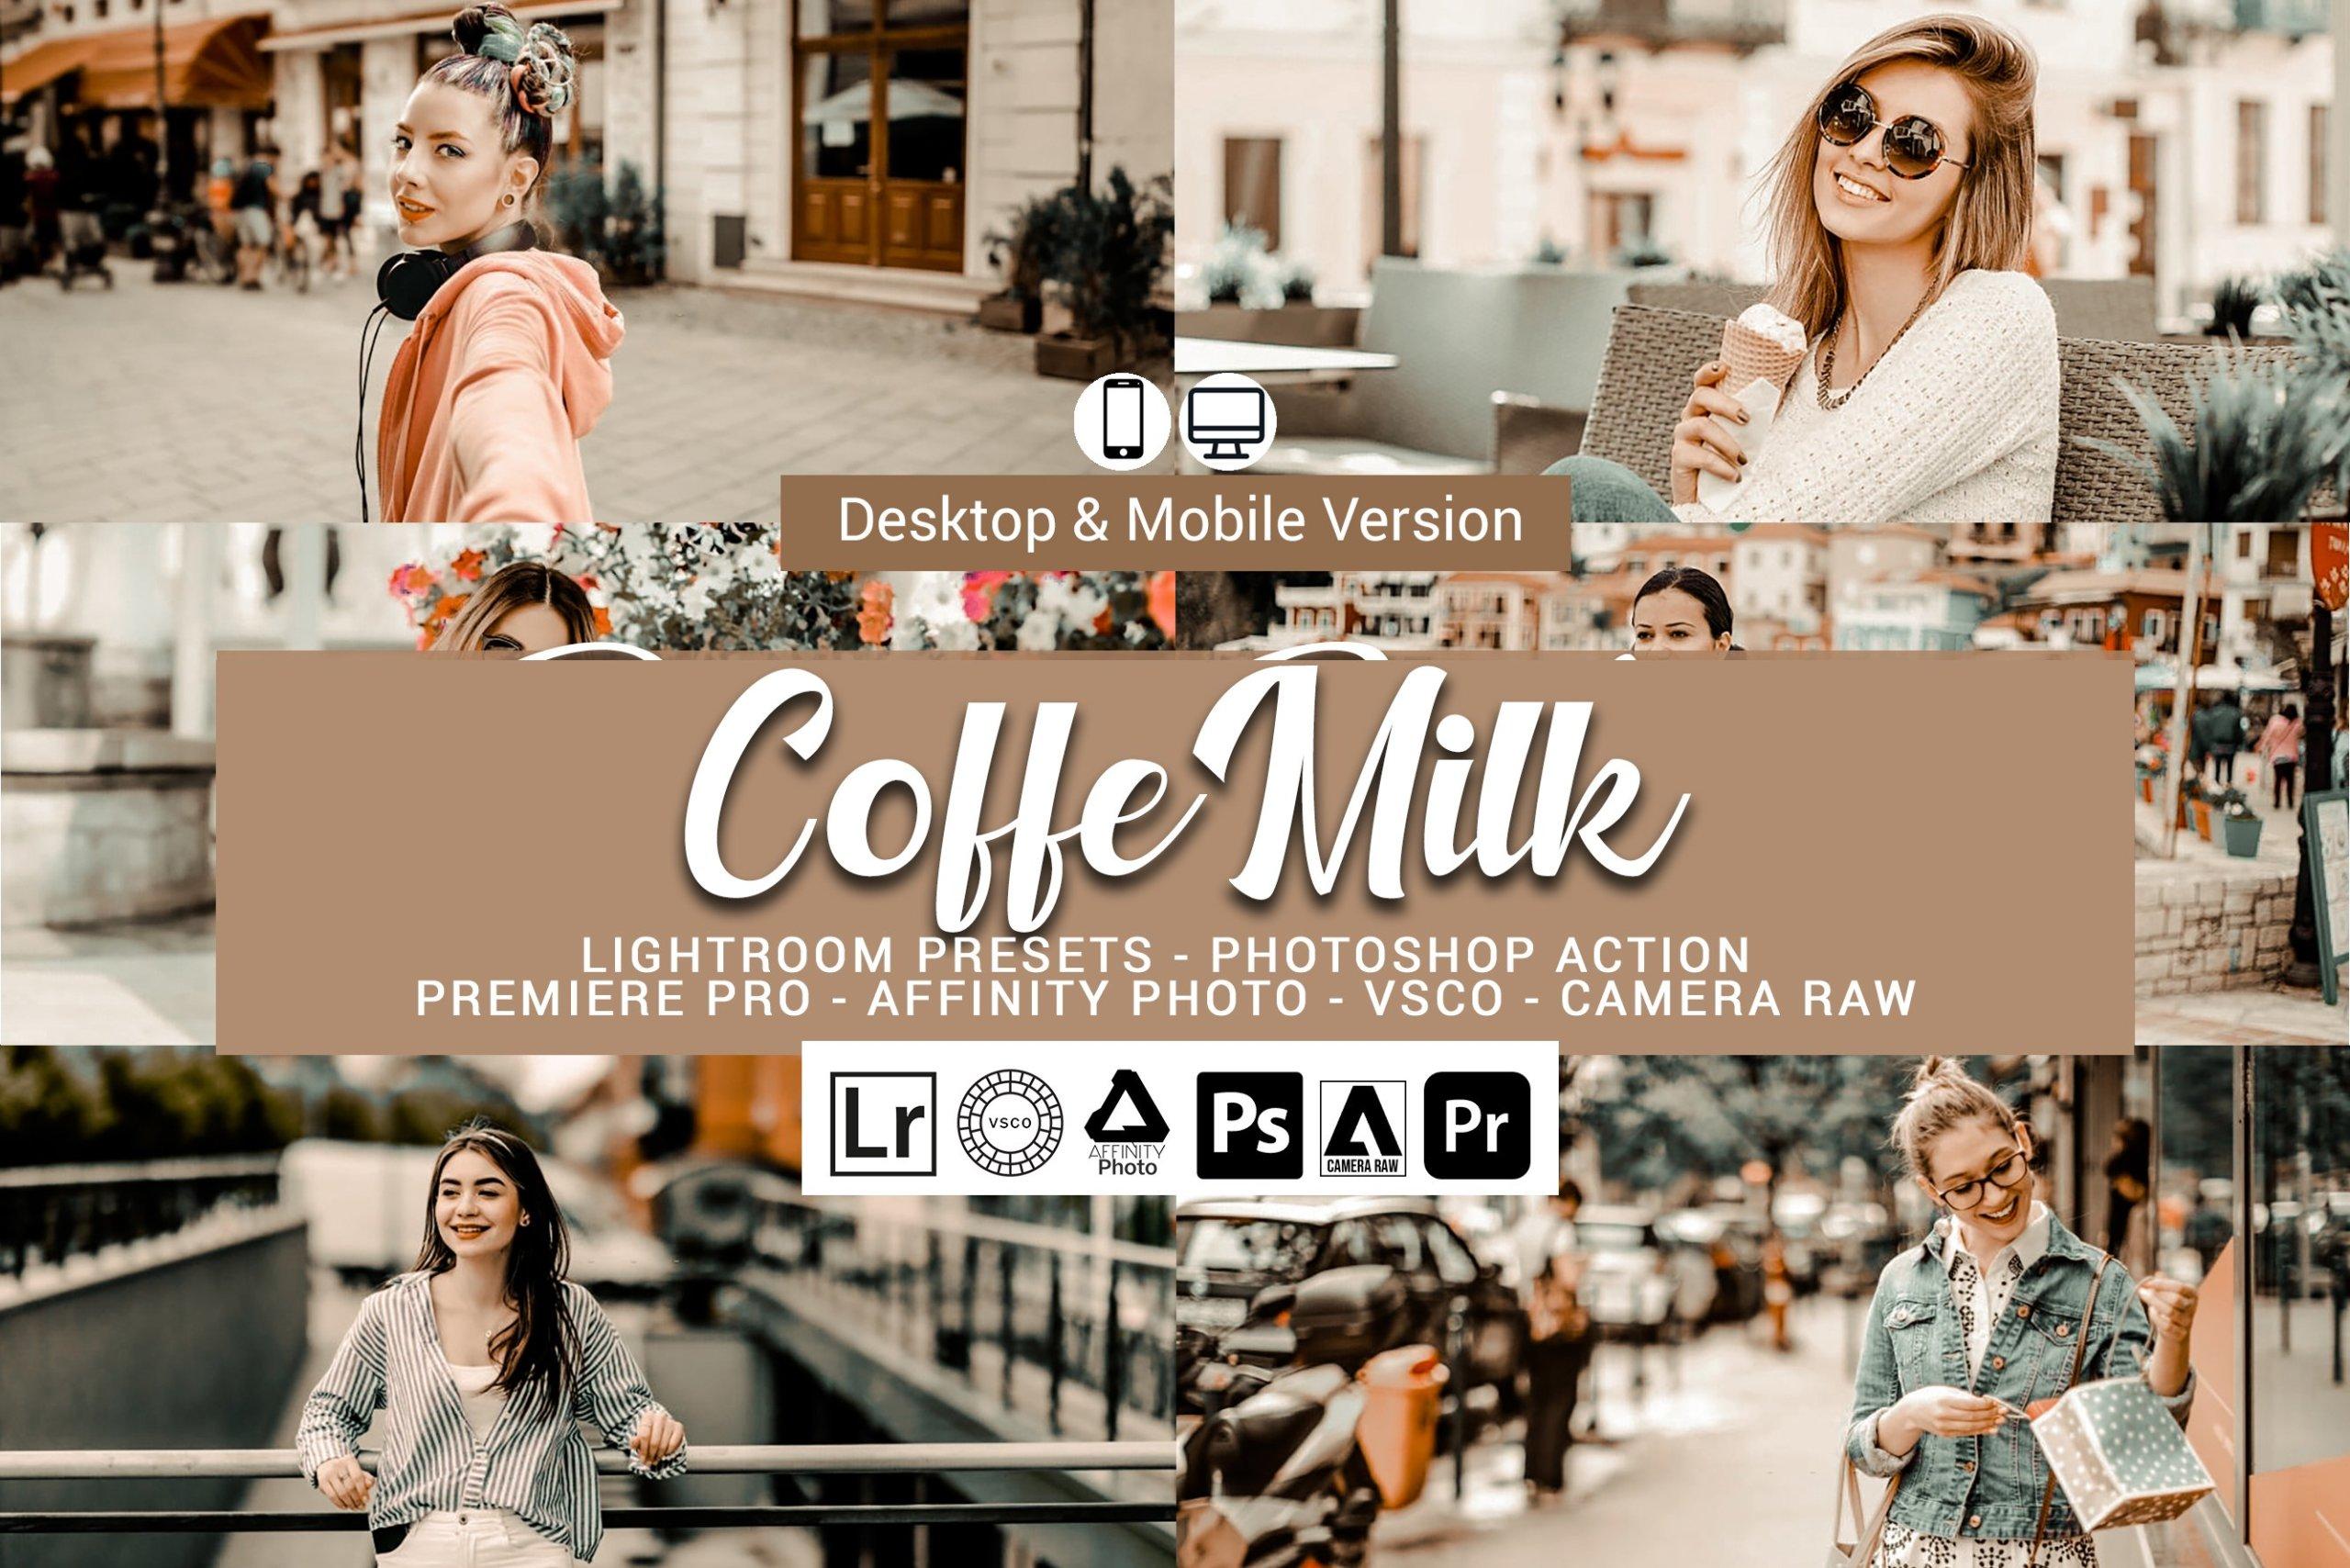 奶油咖啡色照片调色滤镜LR预设&PS动作套装 Coffe Milk Presets Photoshop Actions插图